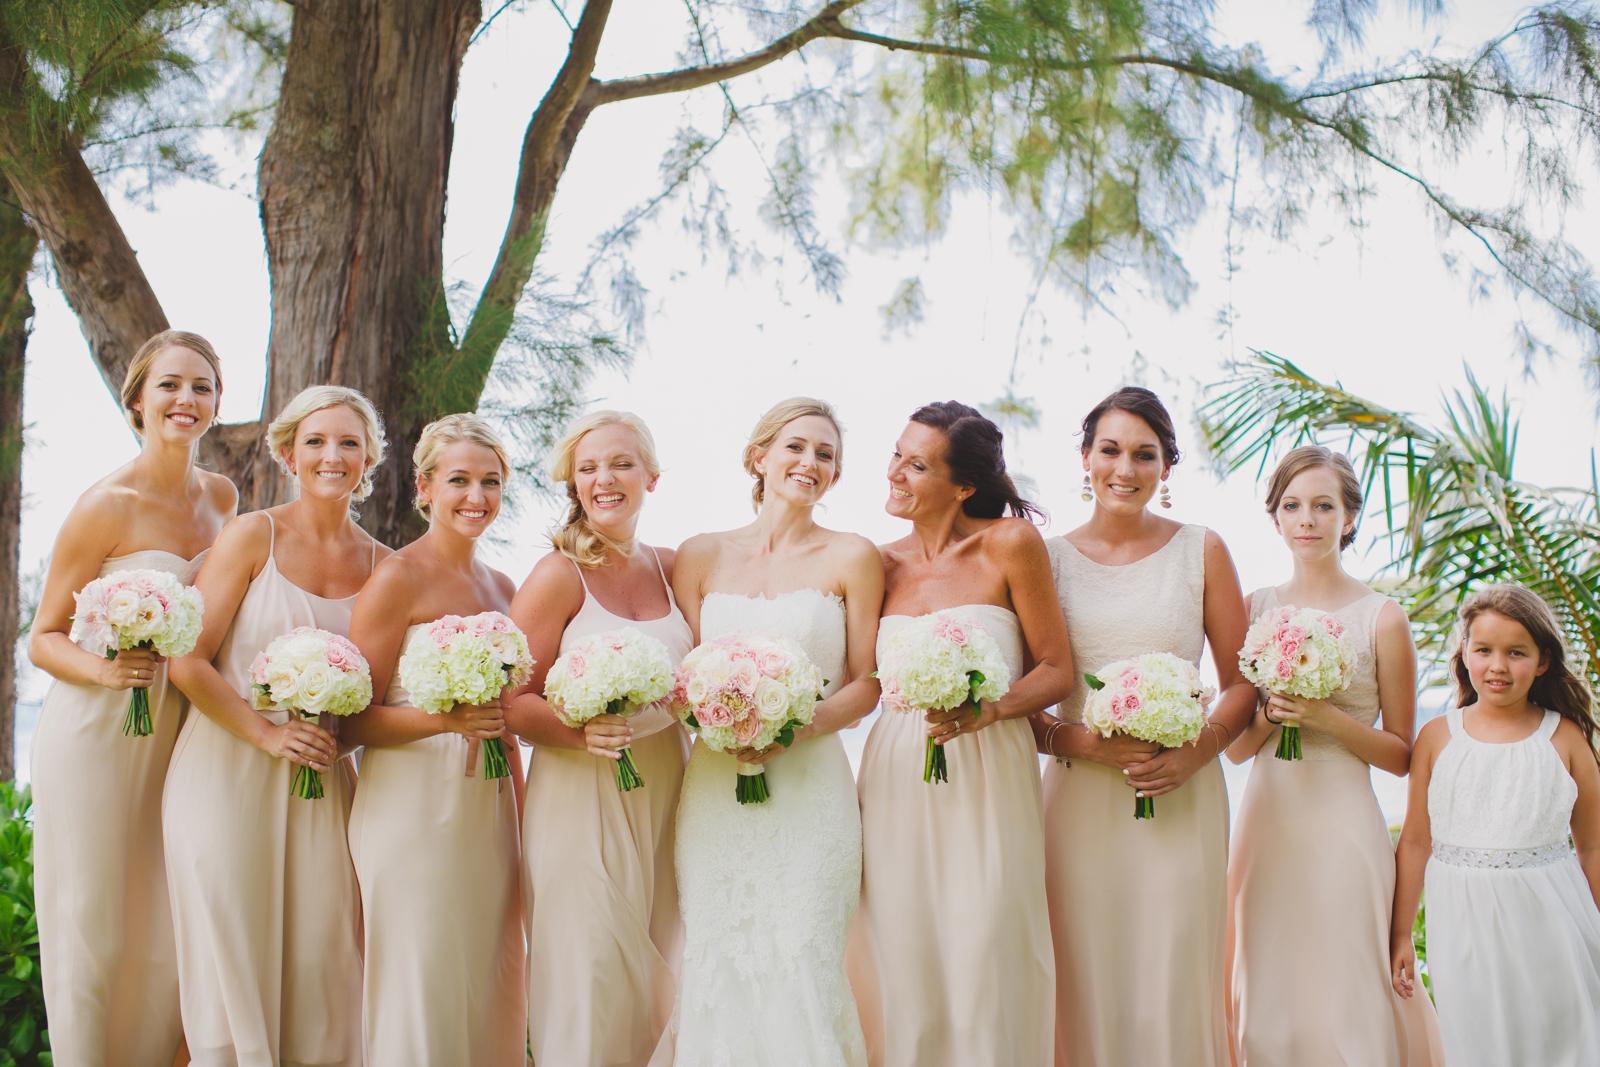 Fotografía de novia con las damas de honor.